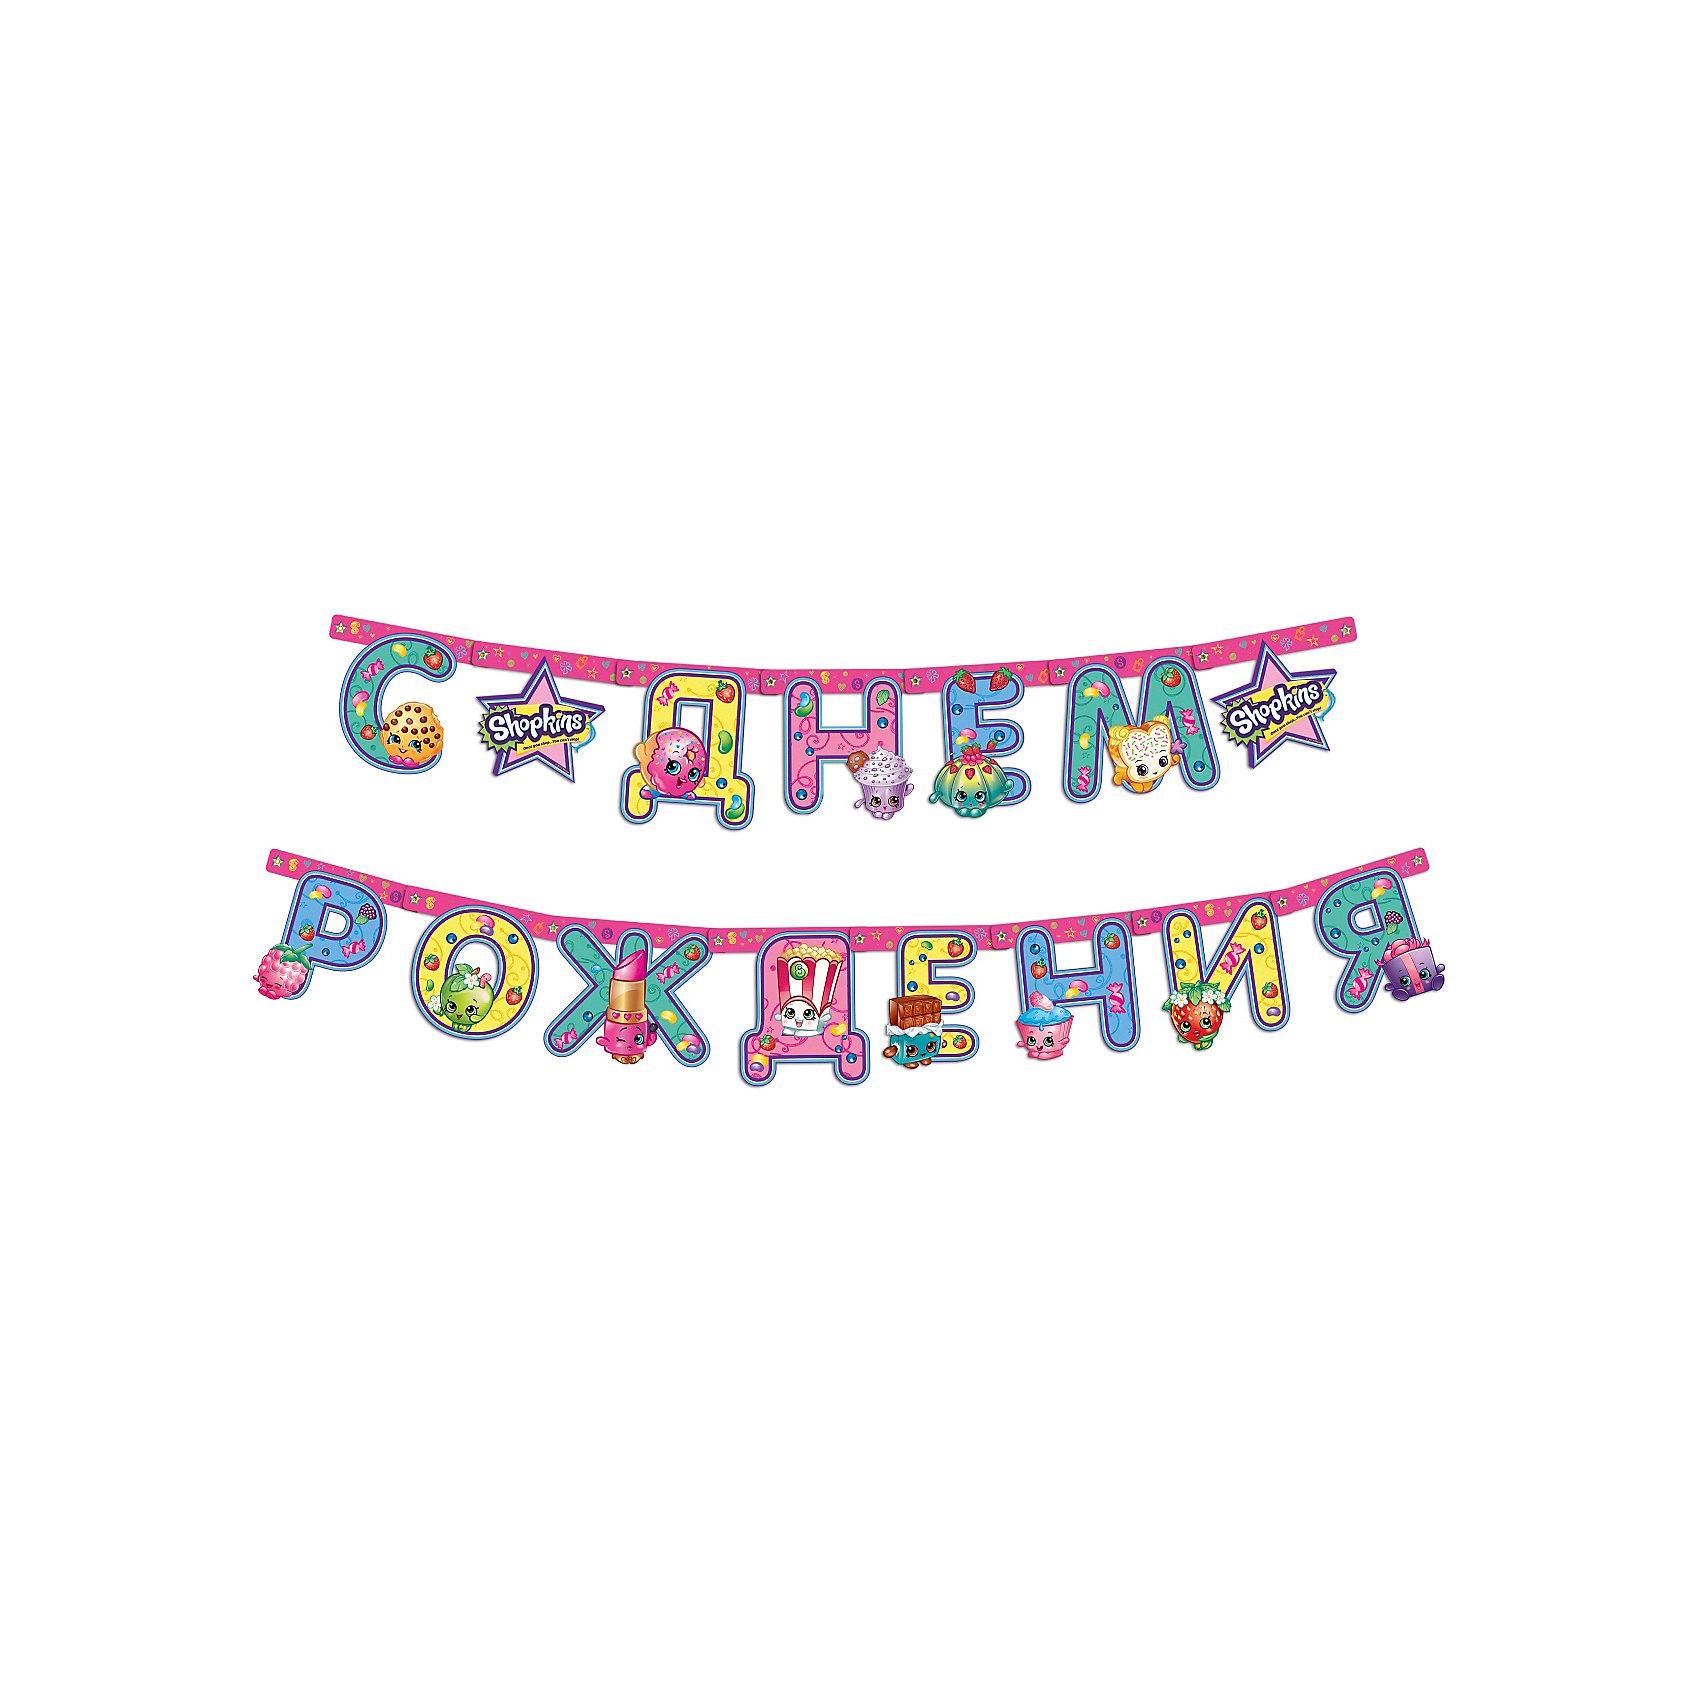 Гирлянда C днем рождения 2,5 м., ShopkinsВсё для праздника<br>Красочная, привлекательная гирлянда C Днем Рождения с милыми героями мультфильма Шопкинс ярко украсит помещение к детскому празднику и поднимет настроение всем участникам торжества.&#13;<br>Гирлянда длиной 2,5 м изготовлена из бумаги, имеет высоту букв 14 см. Способ крепления - люверс.<br><br>Ширина мм: 205<br>Глубина мм: 4<br>Высота мм: 245<br>Вес г: 90<br>Возраст от месяцев: 36<br>Возраст до месяцев: 2147483647<br>Пол: Унисекс<br>Возраст: Детский<br>SKU: 6912277